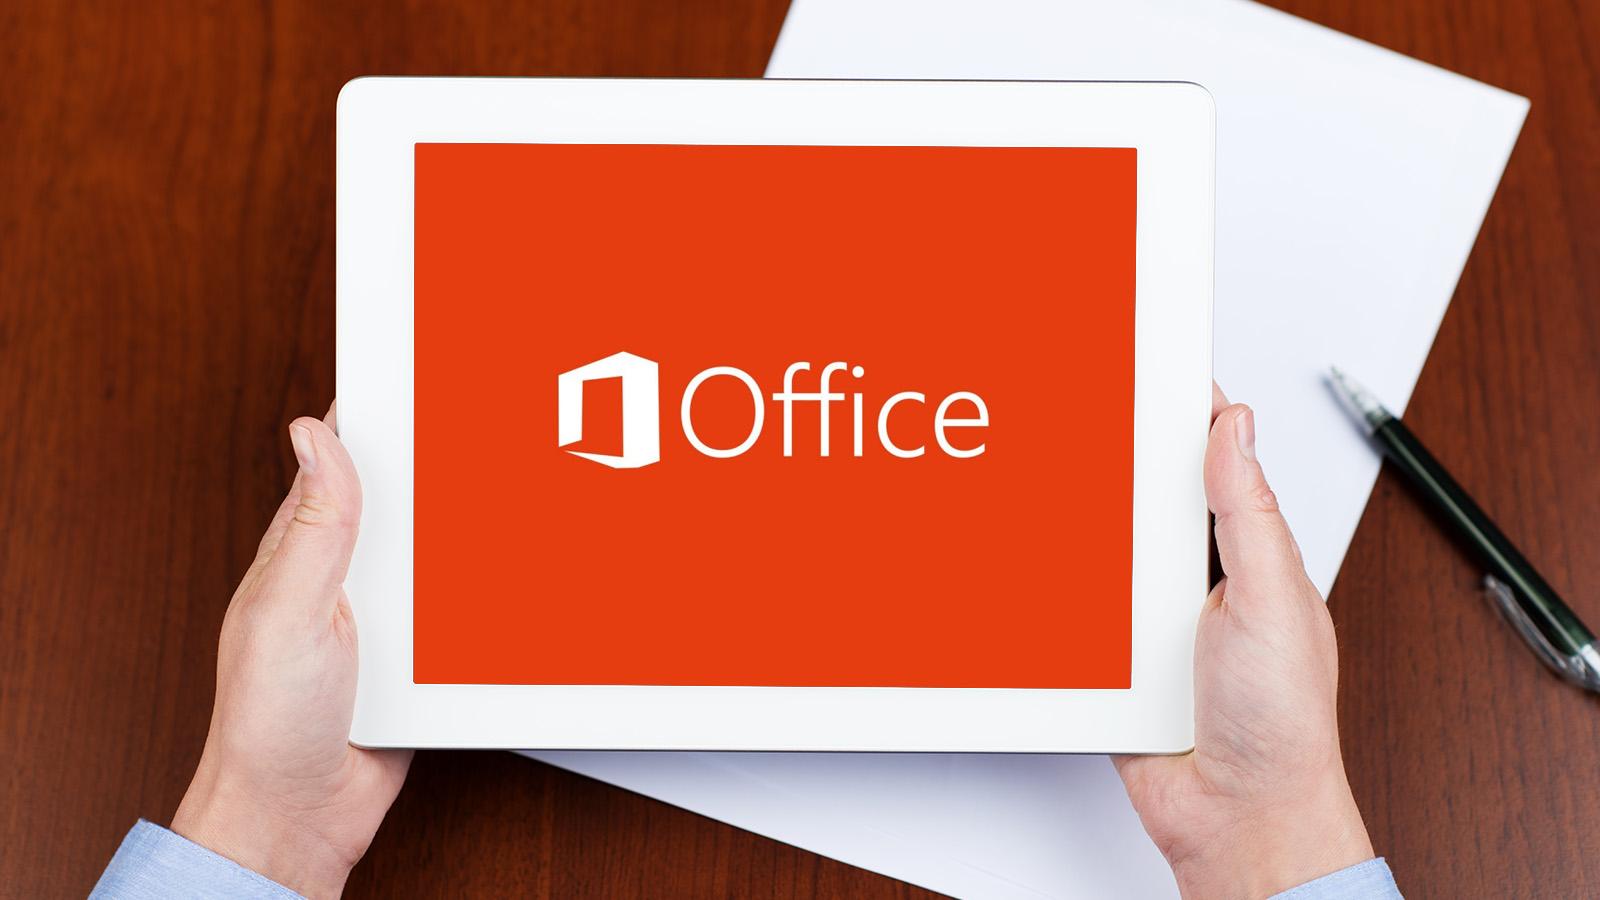 Microsoft, Windows 10, Office